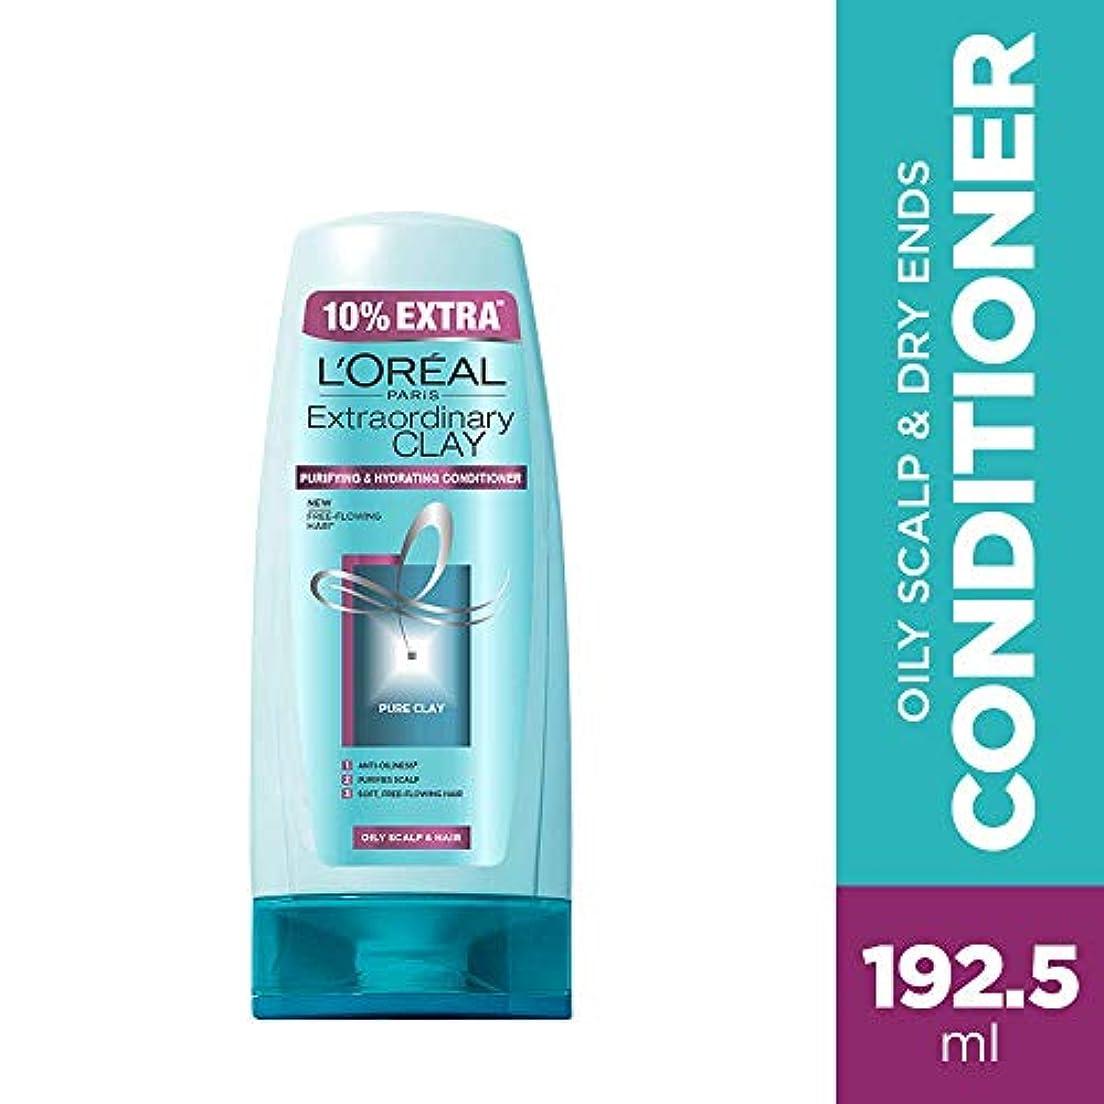 おめでとうリゾート気づかないL'Oreal Paris Extraordinary Clay Conditioner, 175ml (With 10% Extra) (Loreal Ship From India)